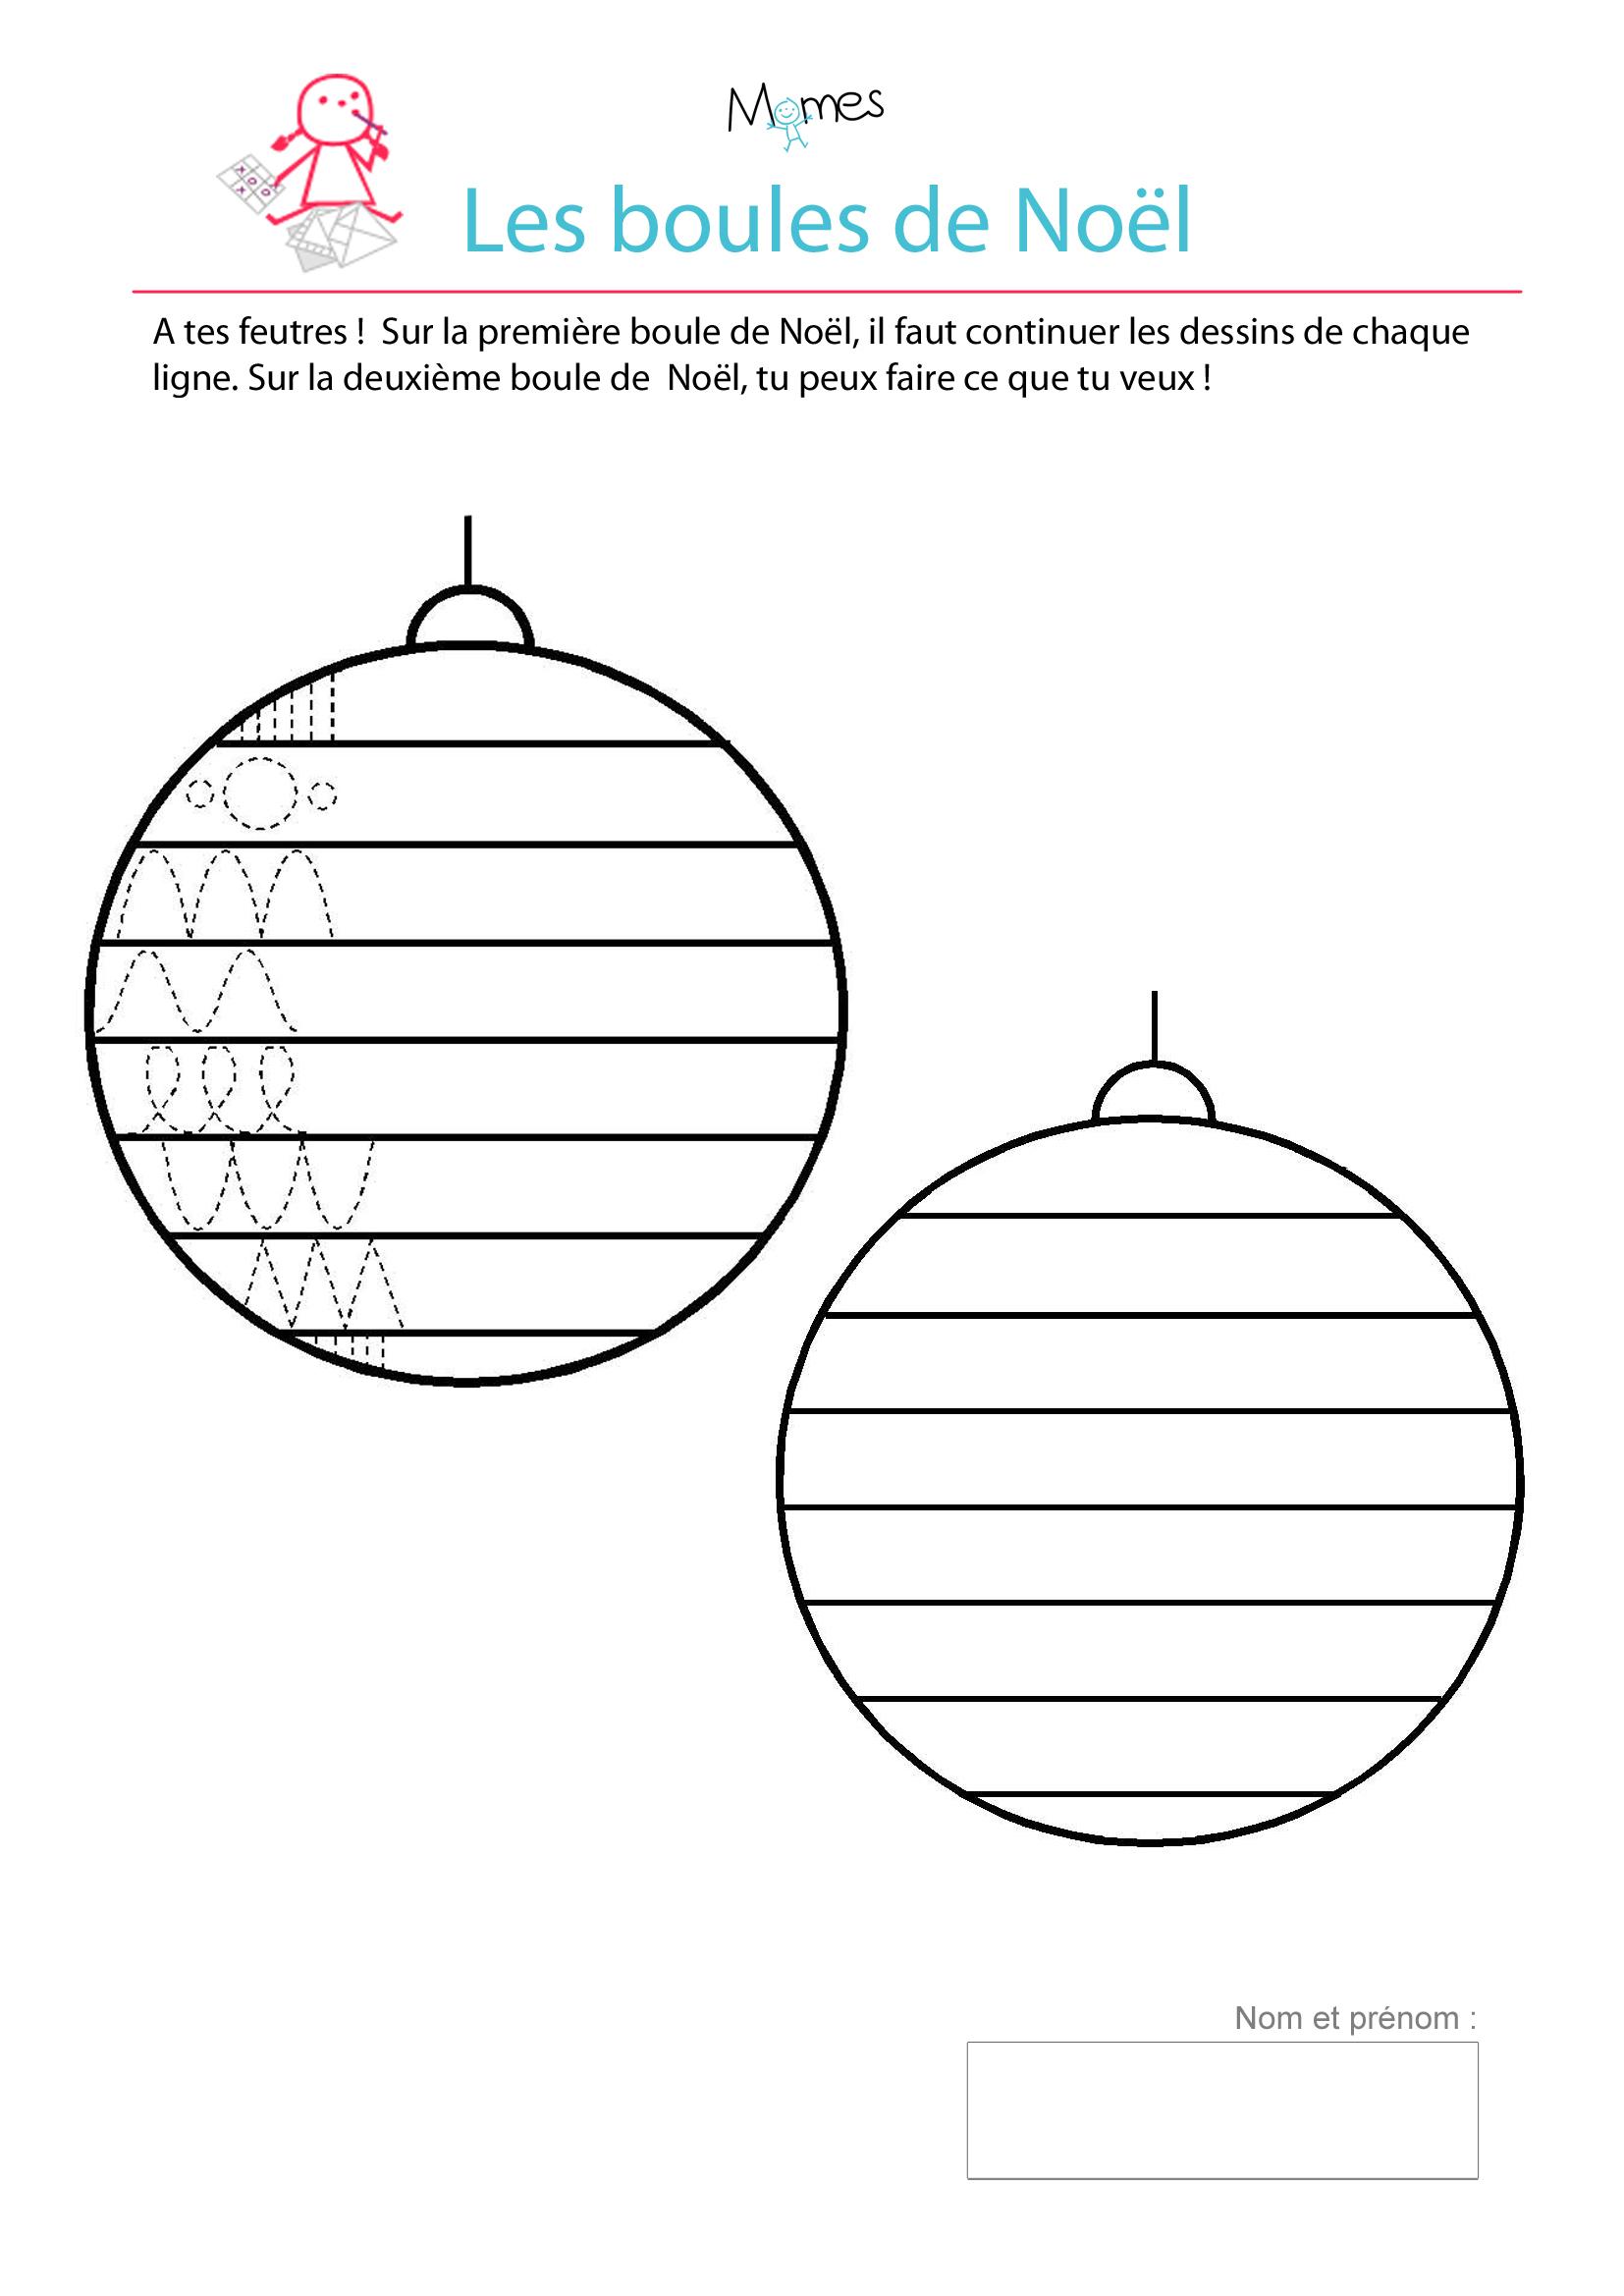 Décore Les Boules De Noël - Exercice De Tracé - Momes destiné Grand Section Exercice